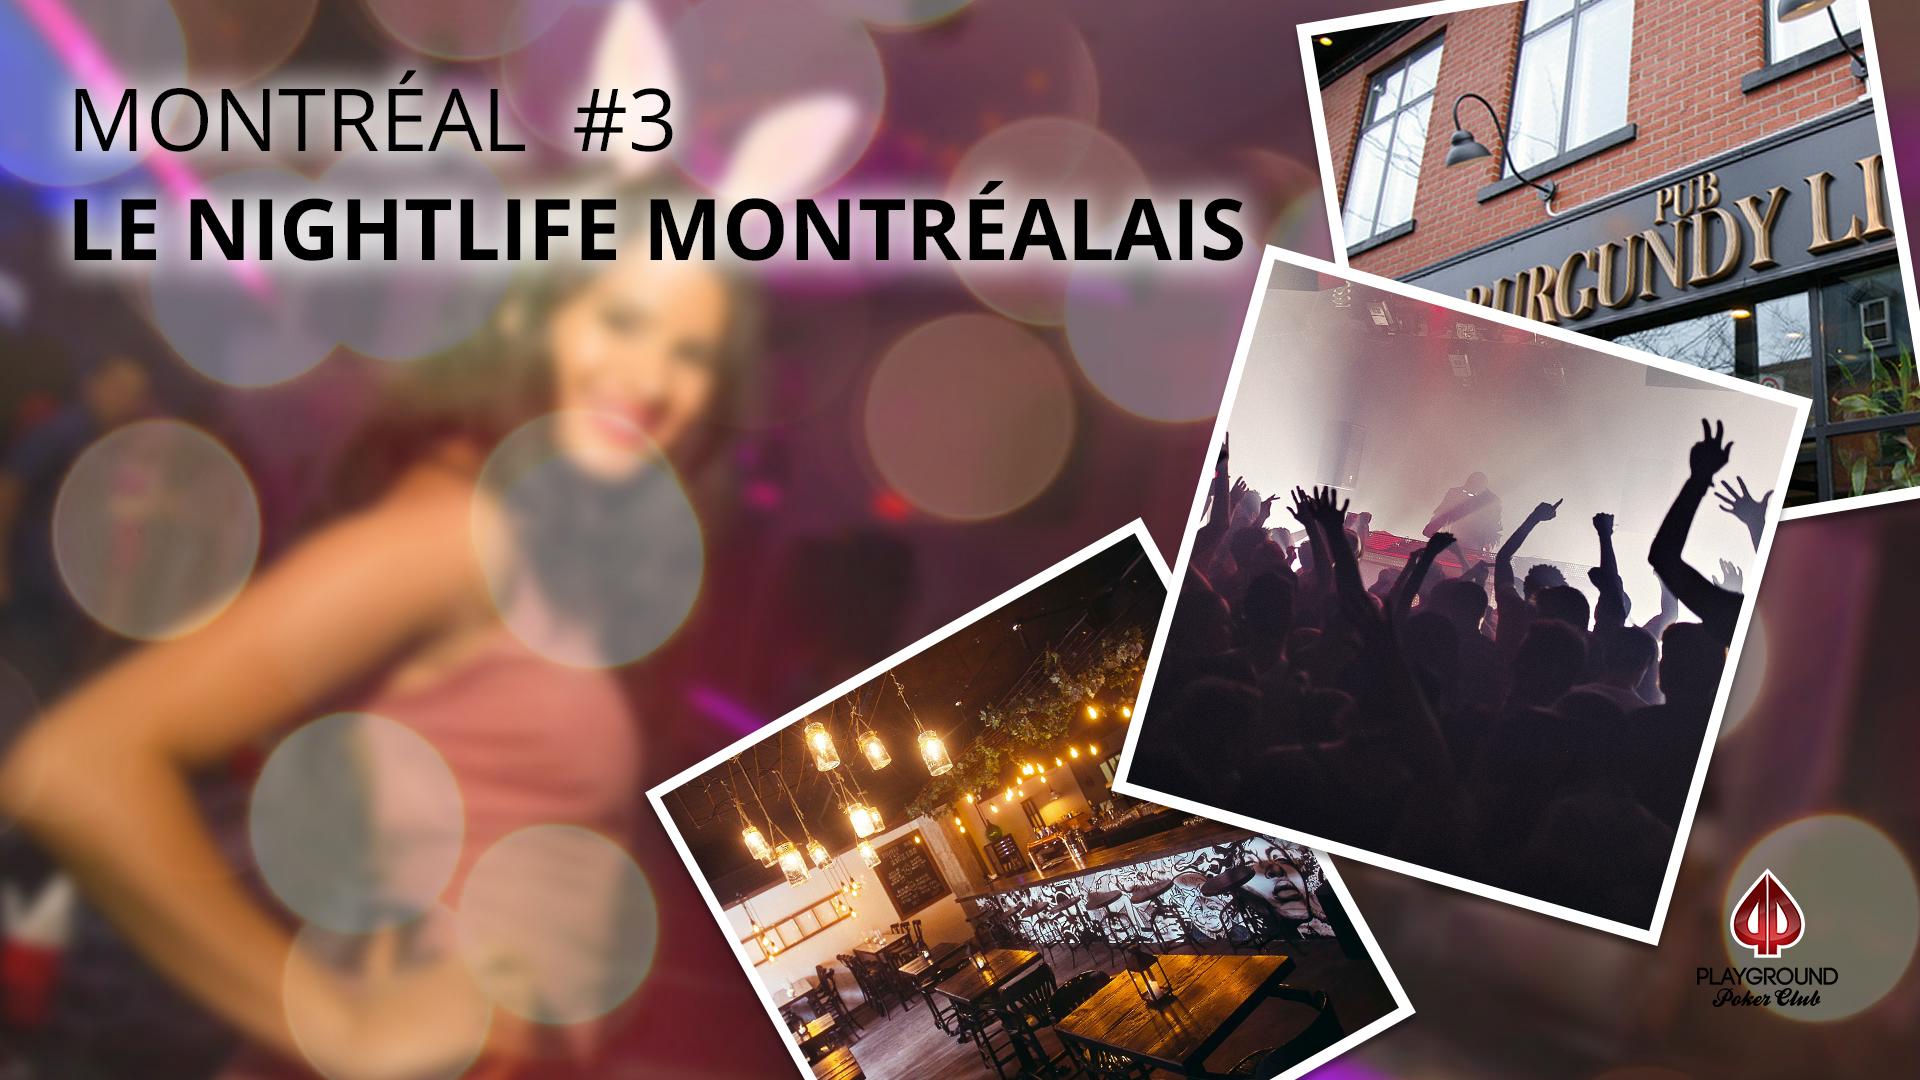 En 3e place sur notre Top 10: Le nightlife montréalais